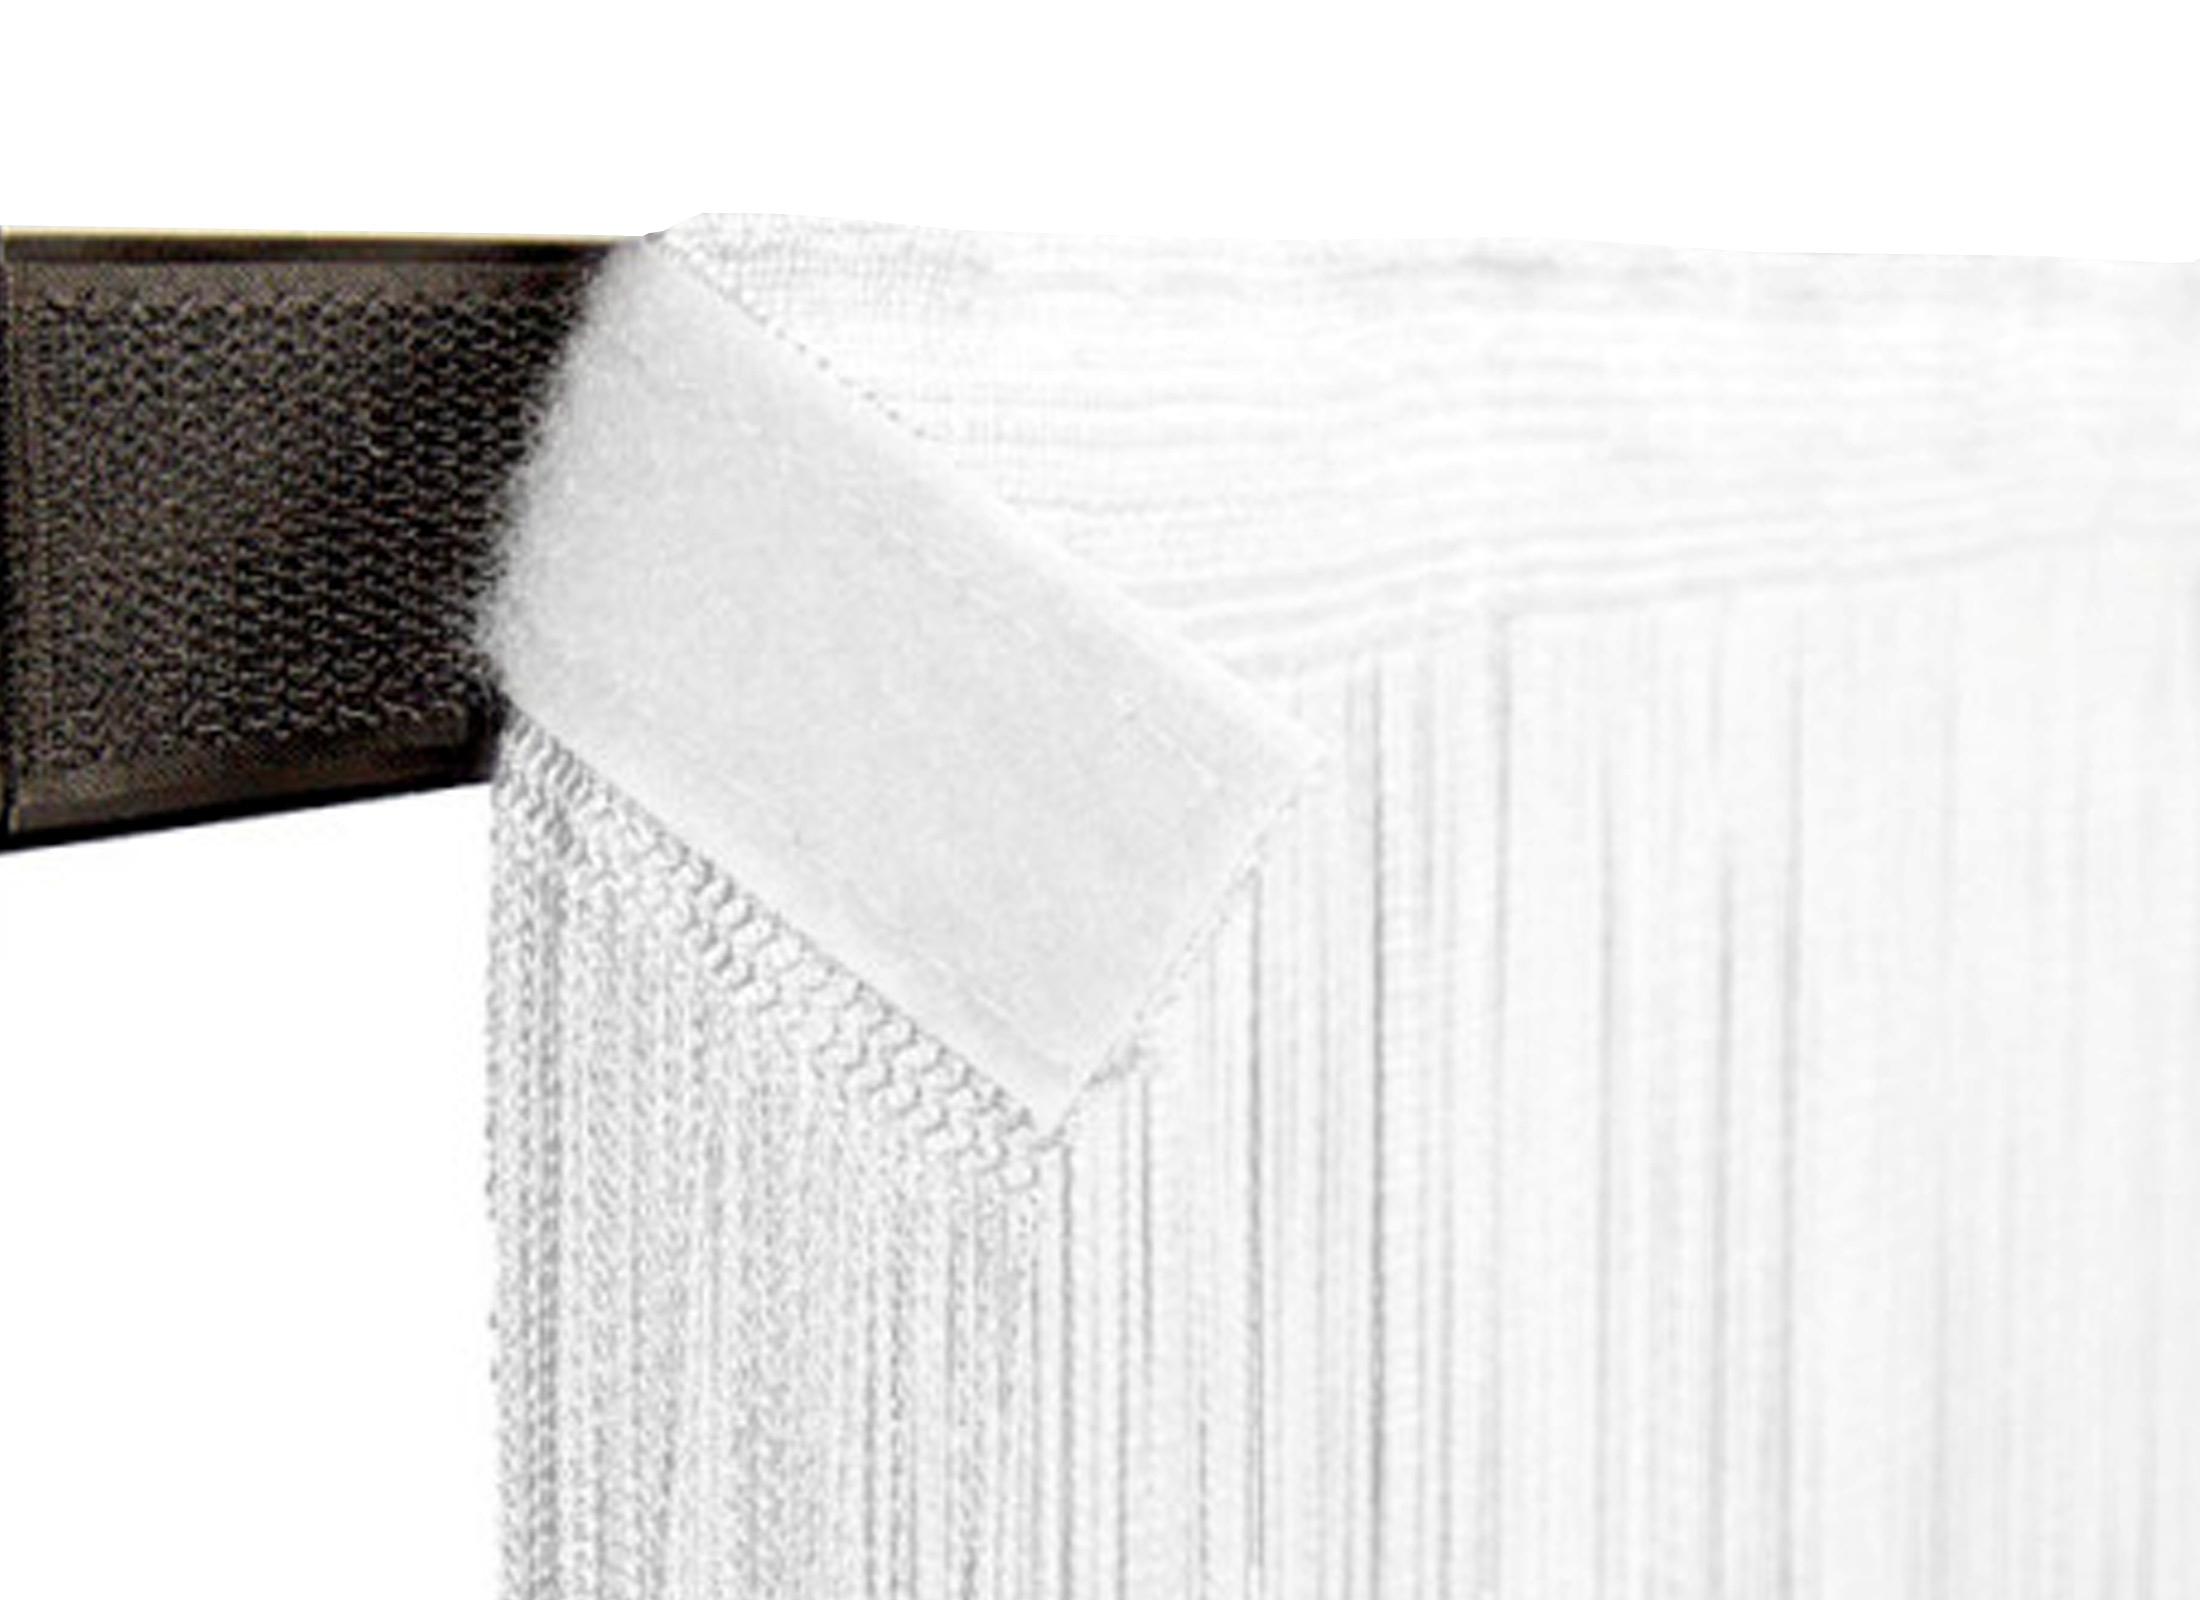 wentex pipes drapes vorhang fadenvorhang 3x6m 220g m wei g nstig online kaufen bei huss. Black Bedroom Furniture Sets. Home Design Ideas